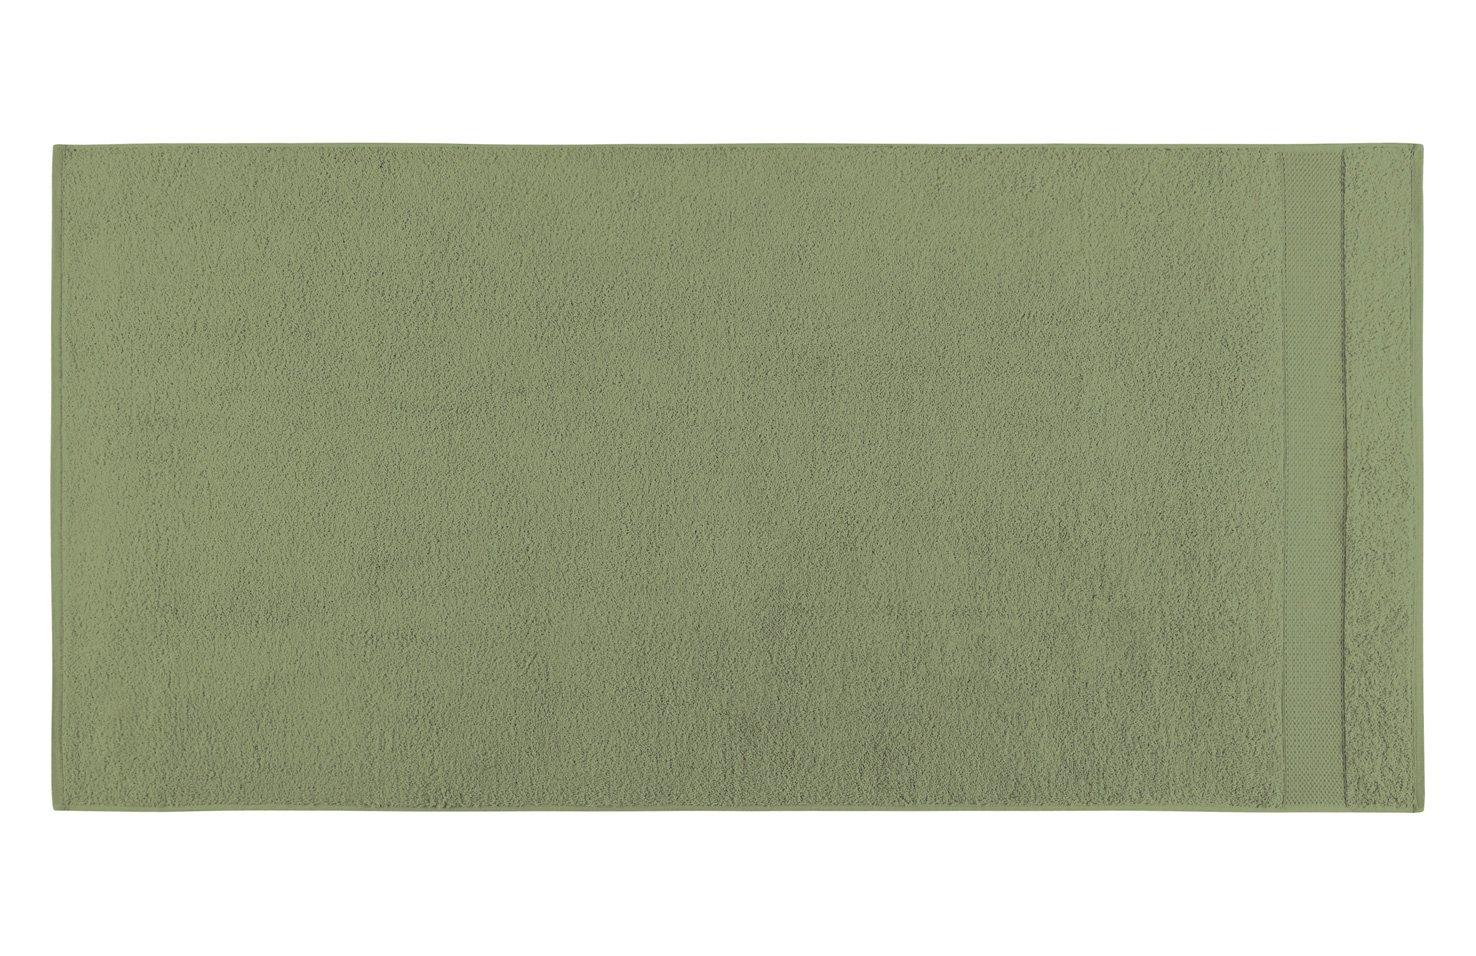 Anne de Solene asepetasi99/001020/p/étalo toalla invitados algod/ón Canelle 100/x 50/cm